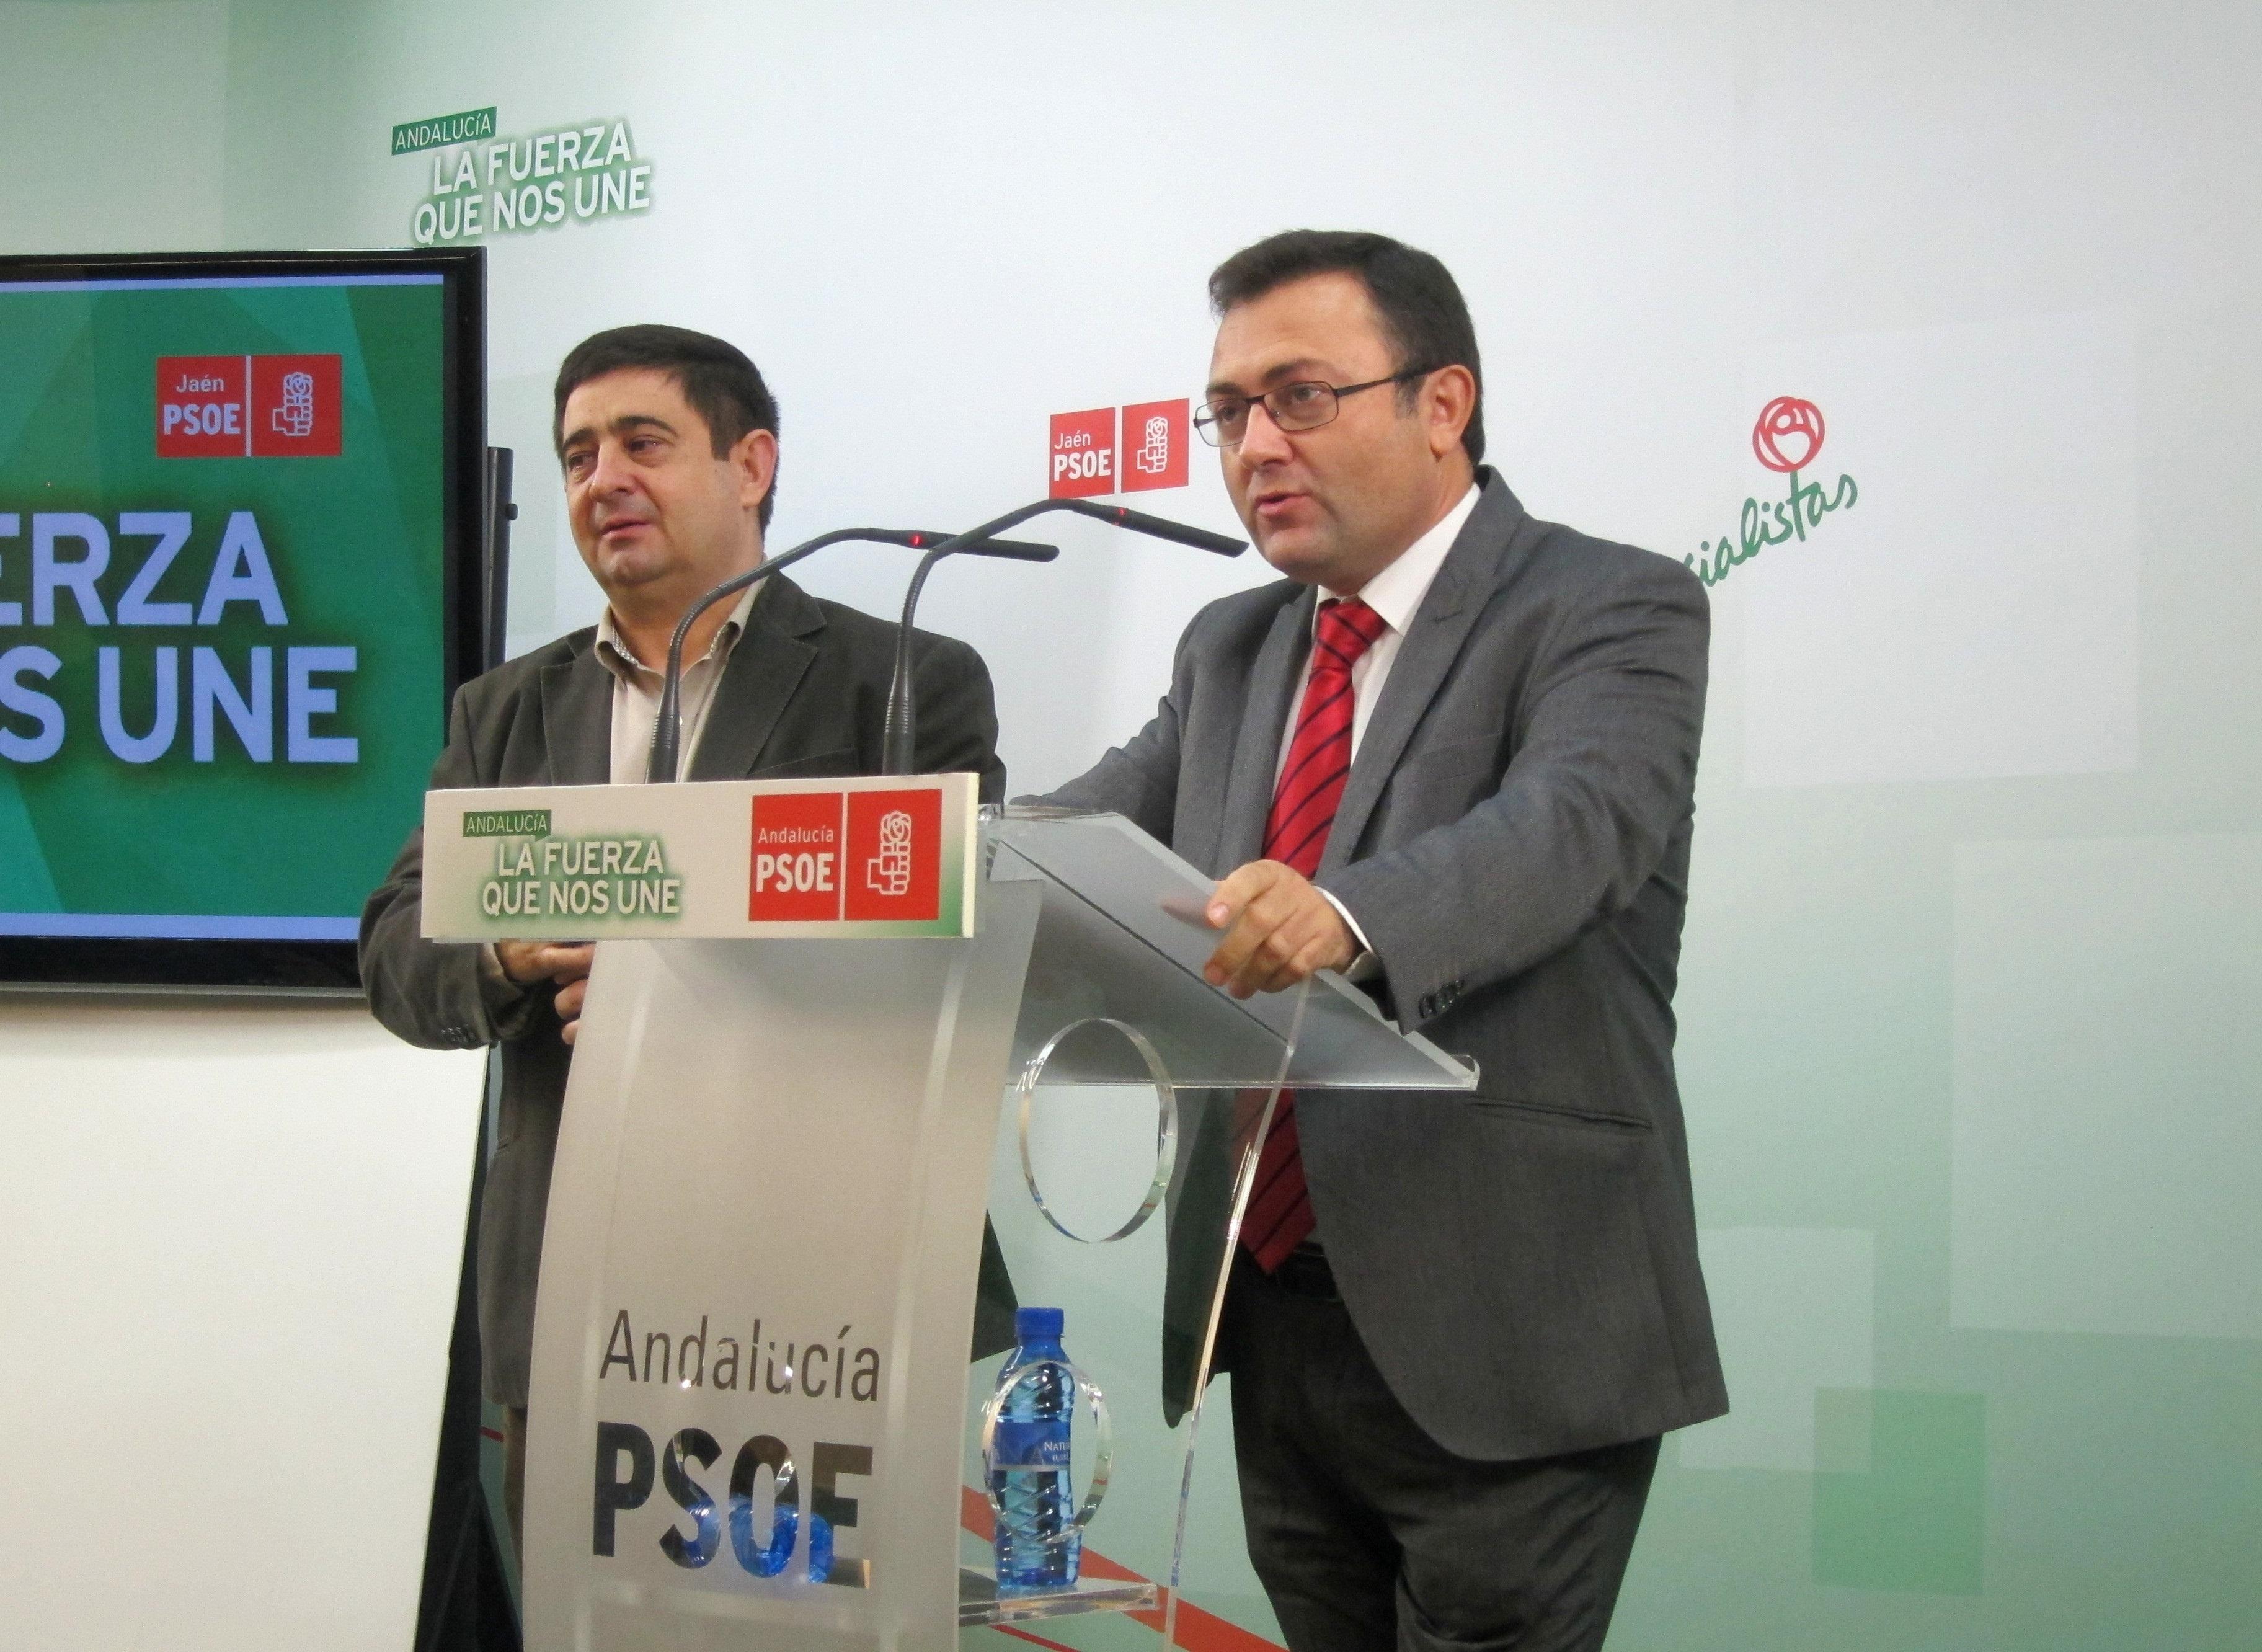 El PSOE-A no permanecerá «impasible» ante la nueva PAC que «discrimina» a Andalucía «porque avanza por su propio camino»